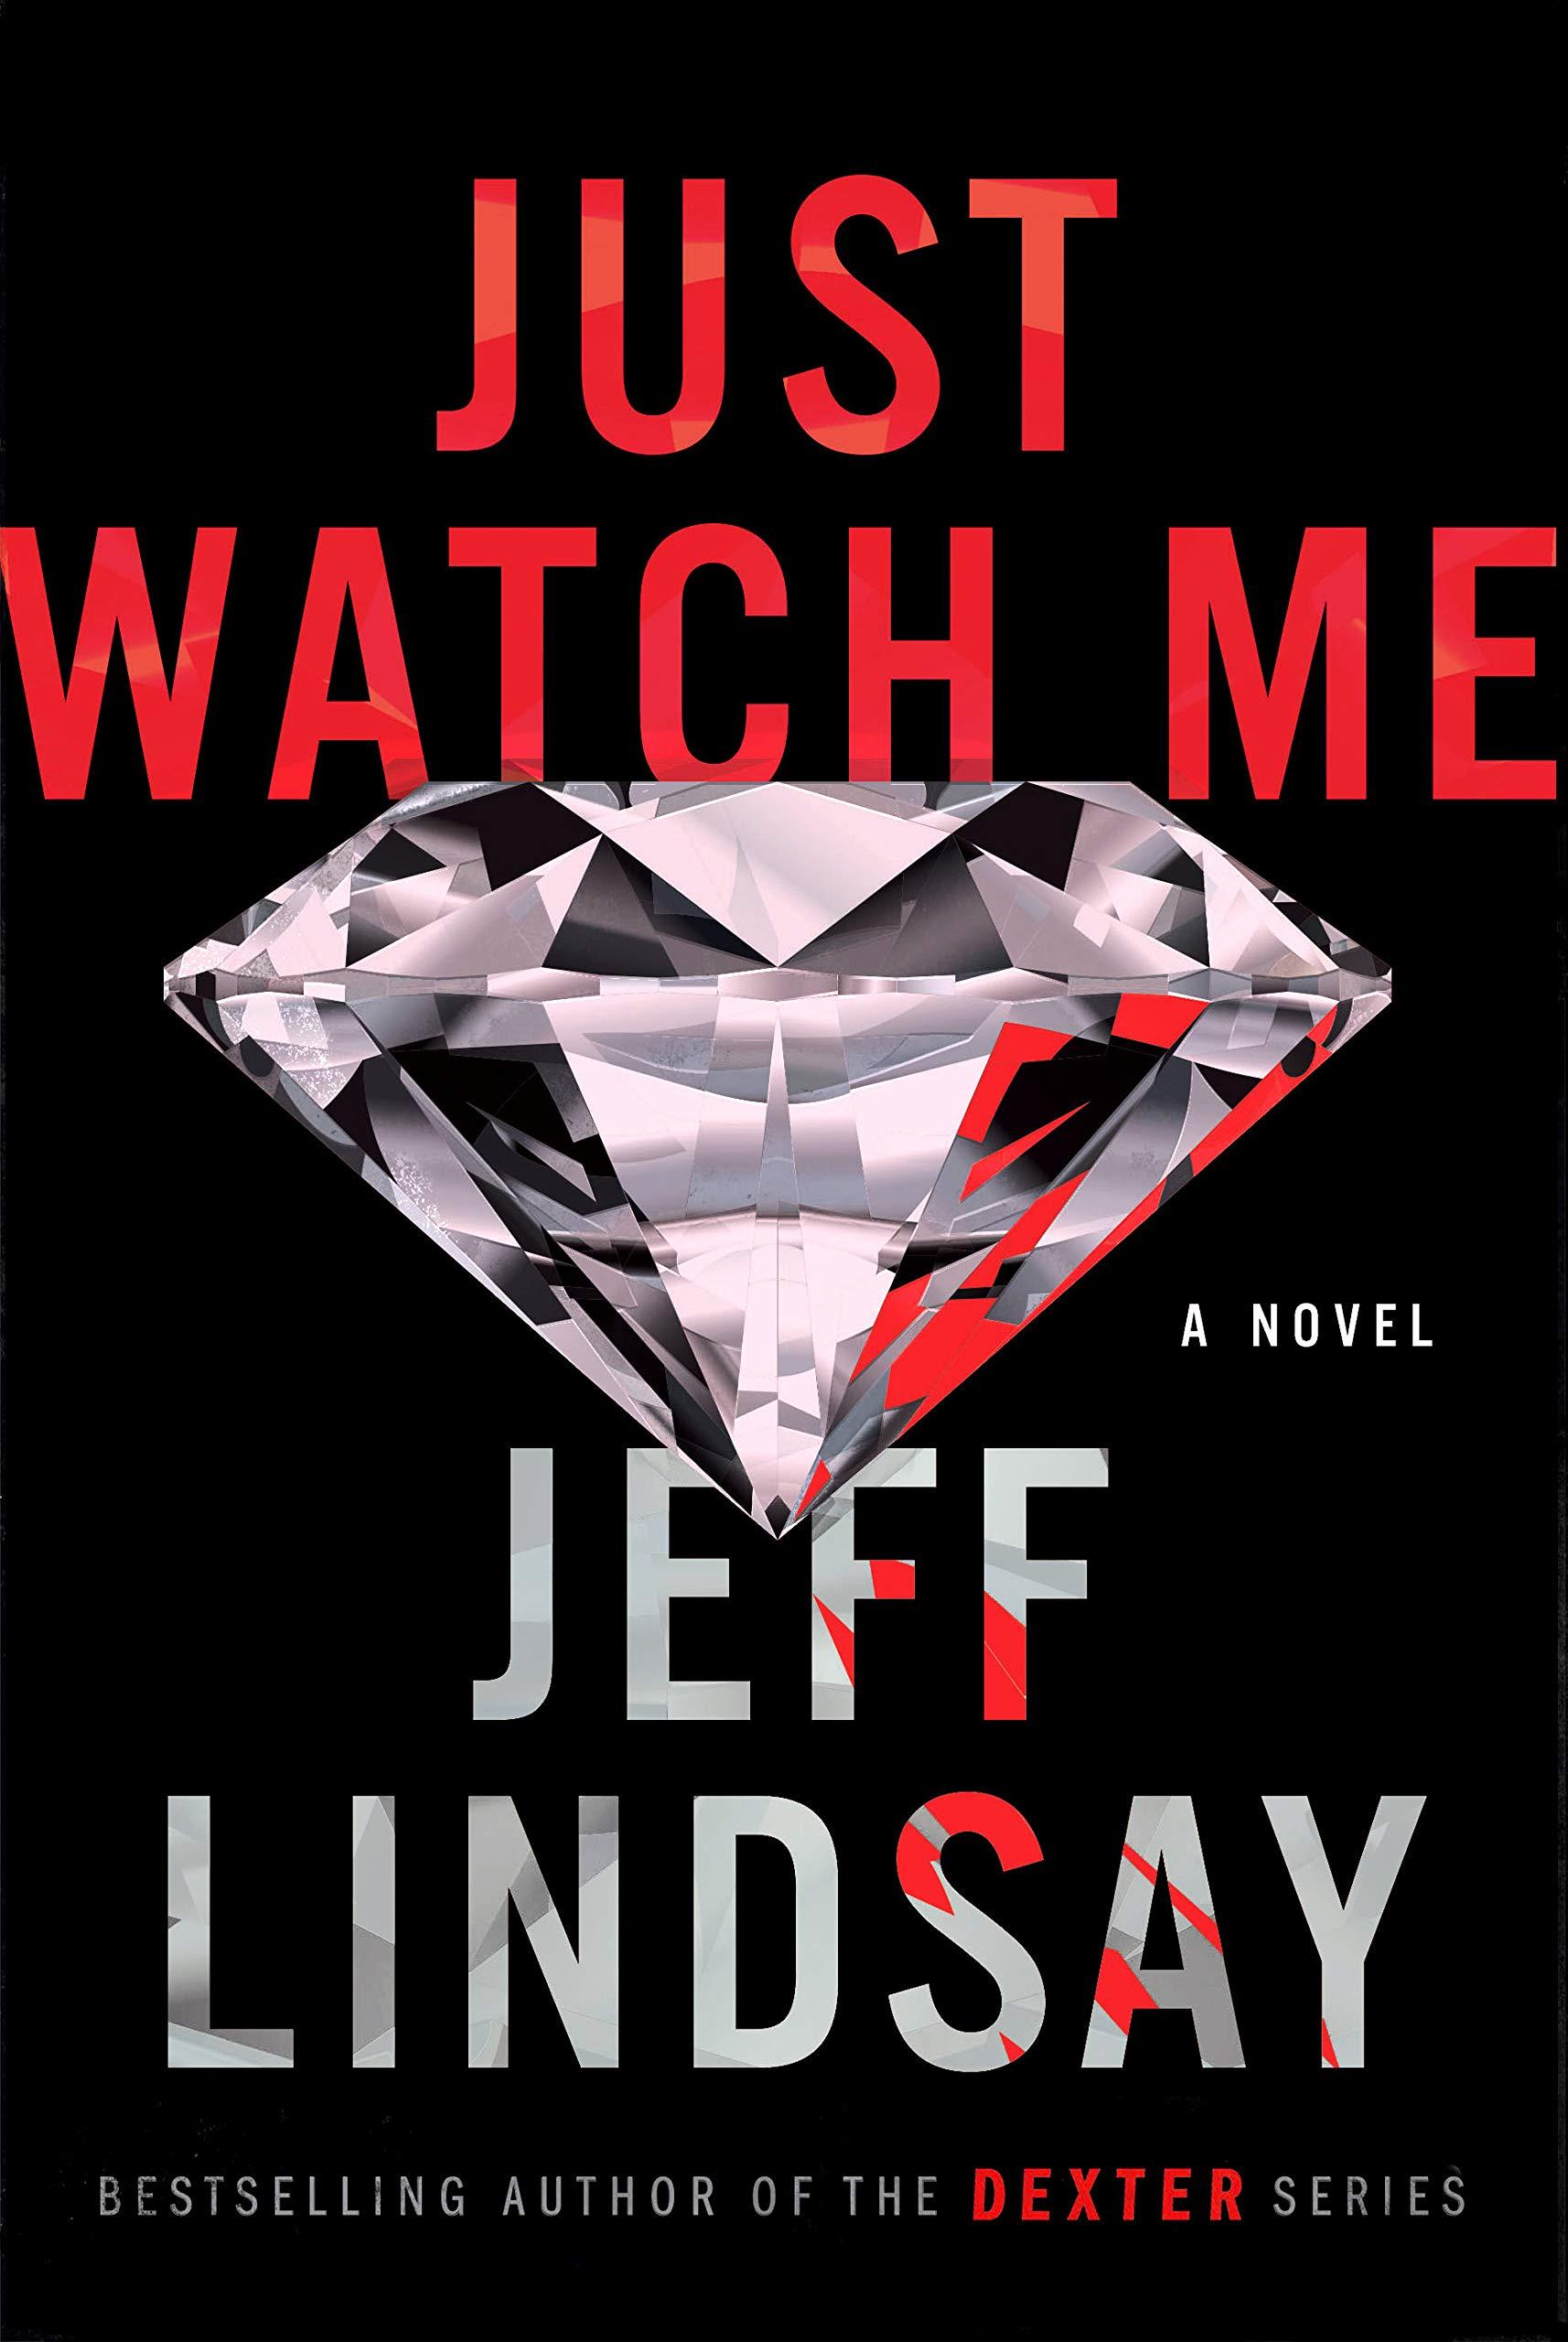 Just Watch Me: A Novel